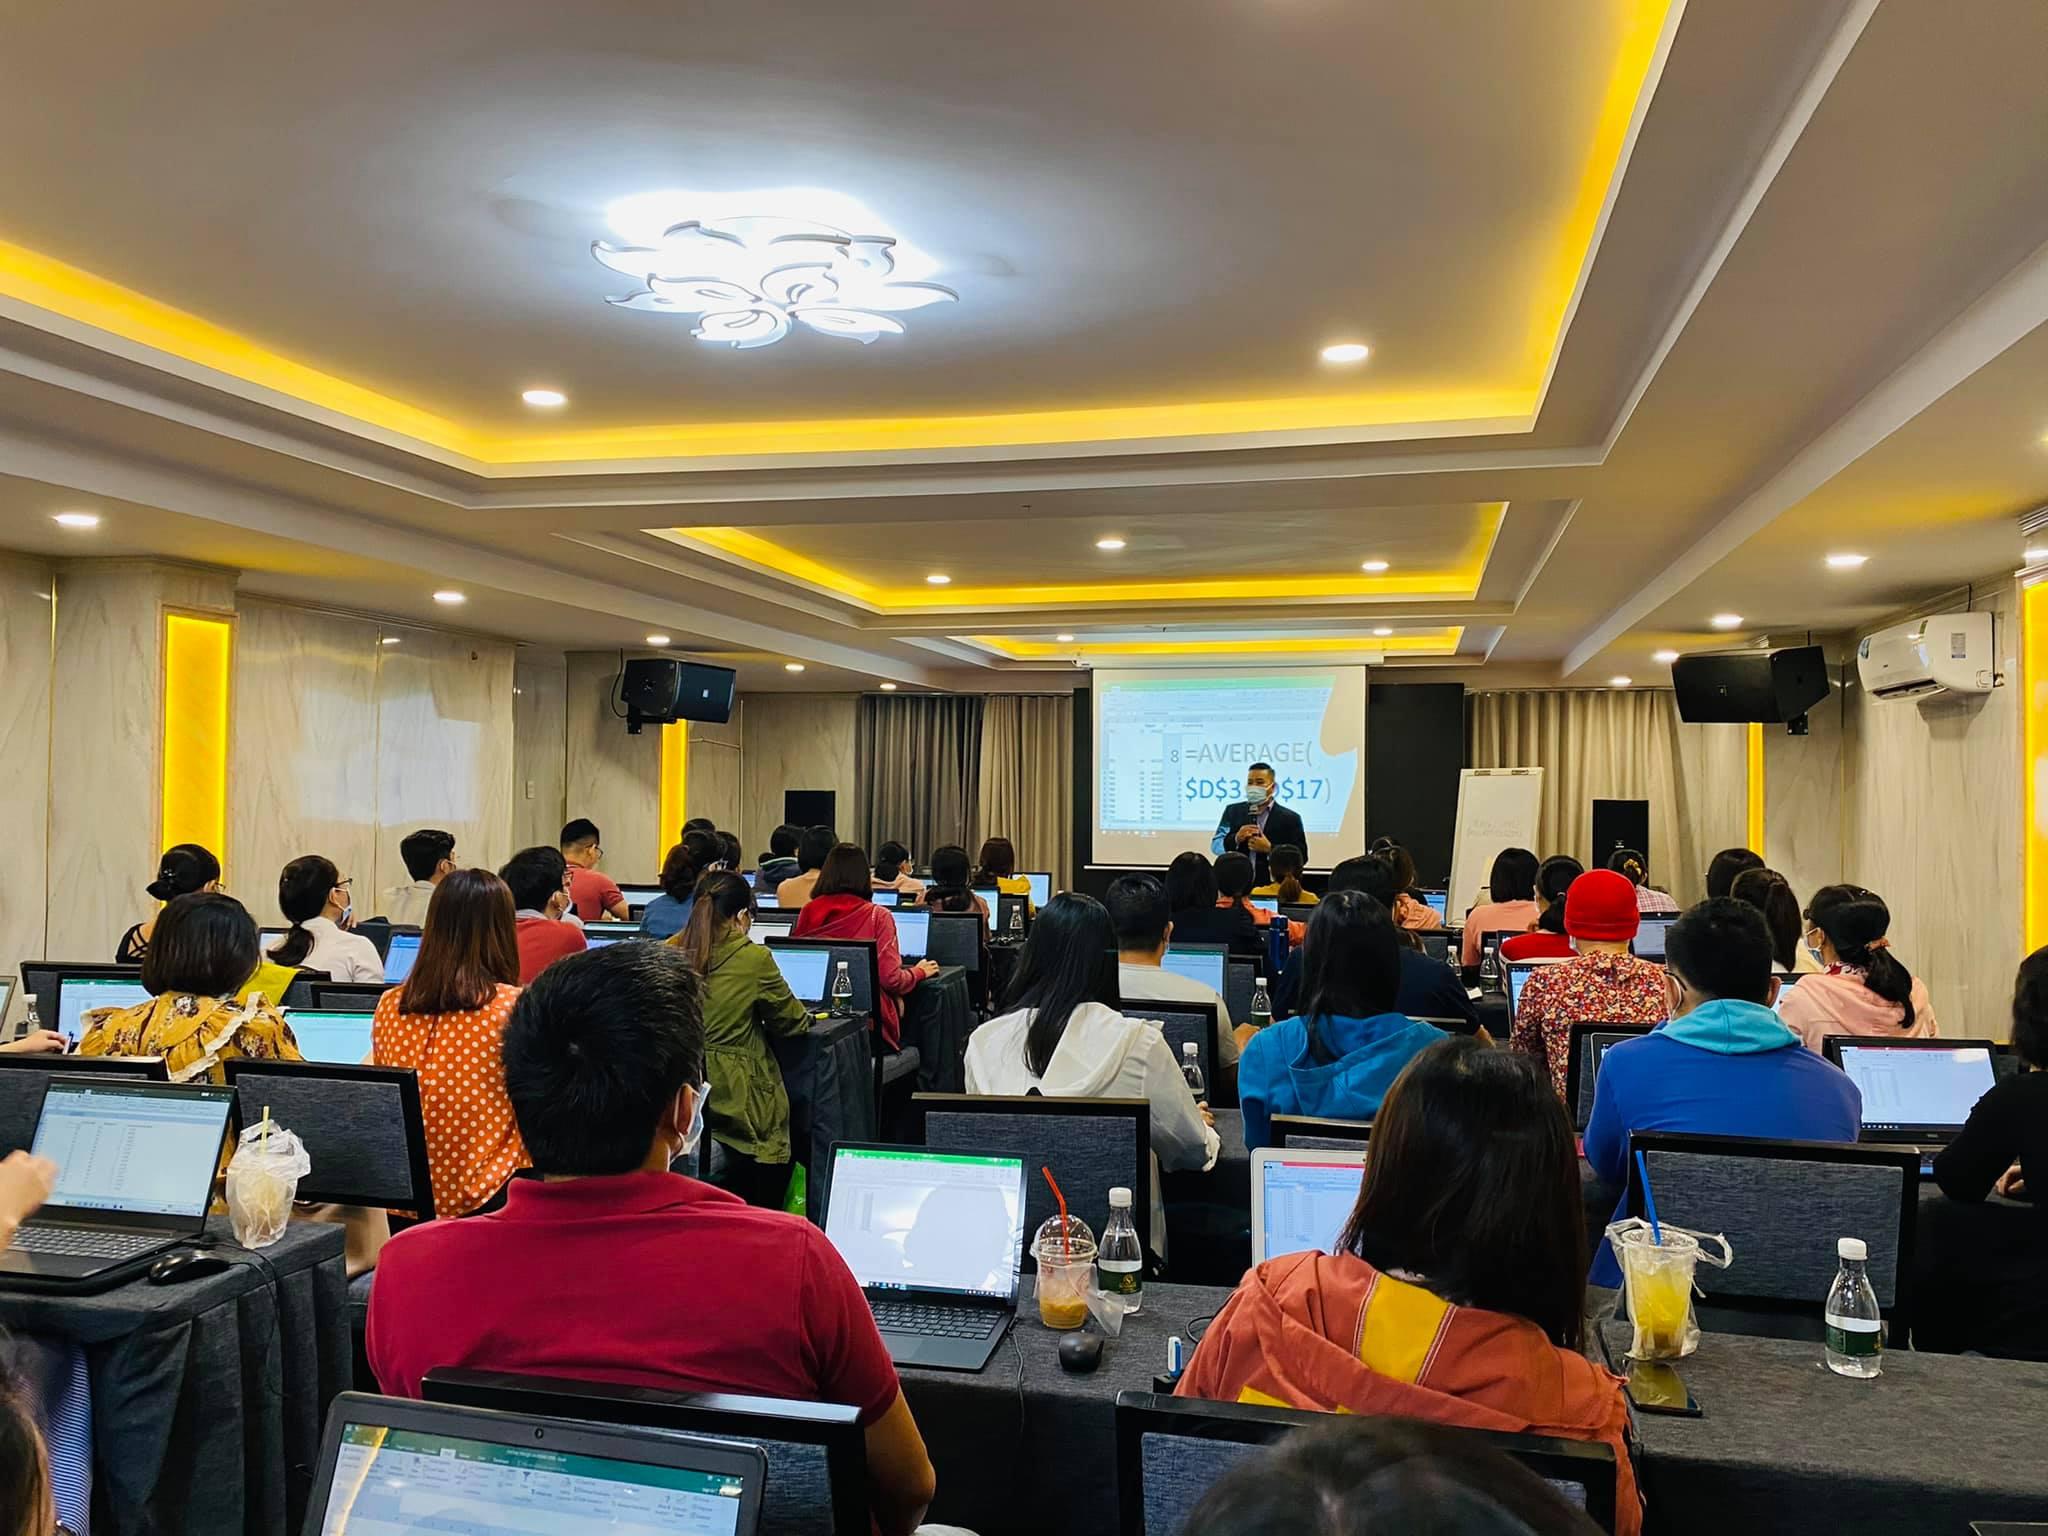 Chuyên gia Trần Tuấn trong buổi chia sẻ kiến thức về kế toán thuế tại Hồ Chi Minh